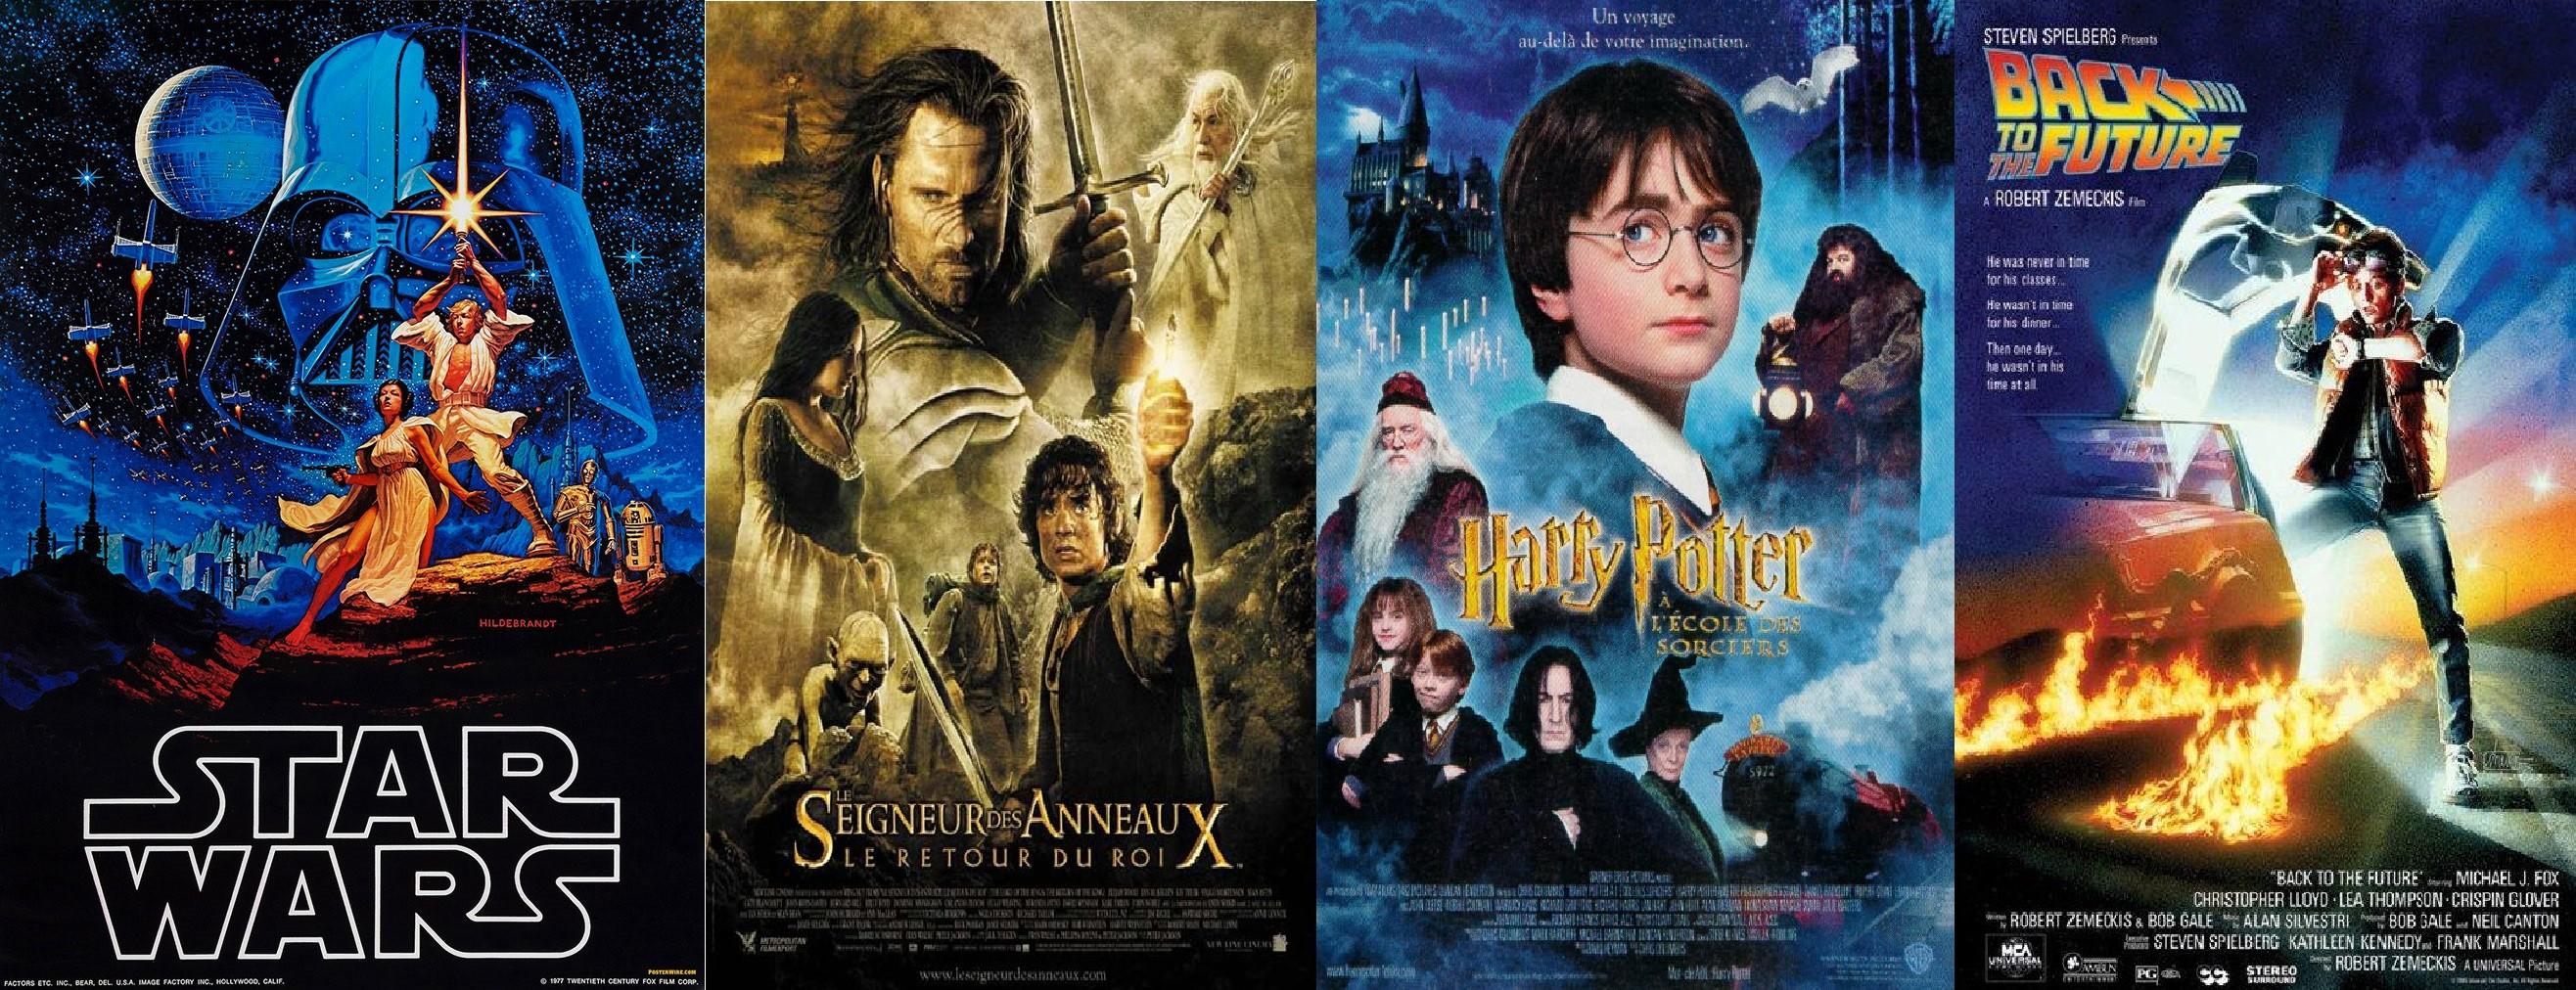 Star Wars, Le Seigneur des Anneaux, Harry Potter ou Retour vers le futur